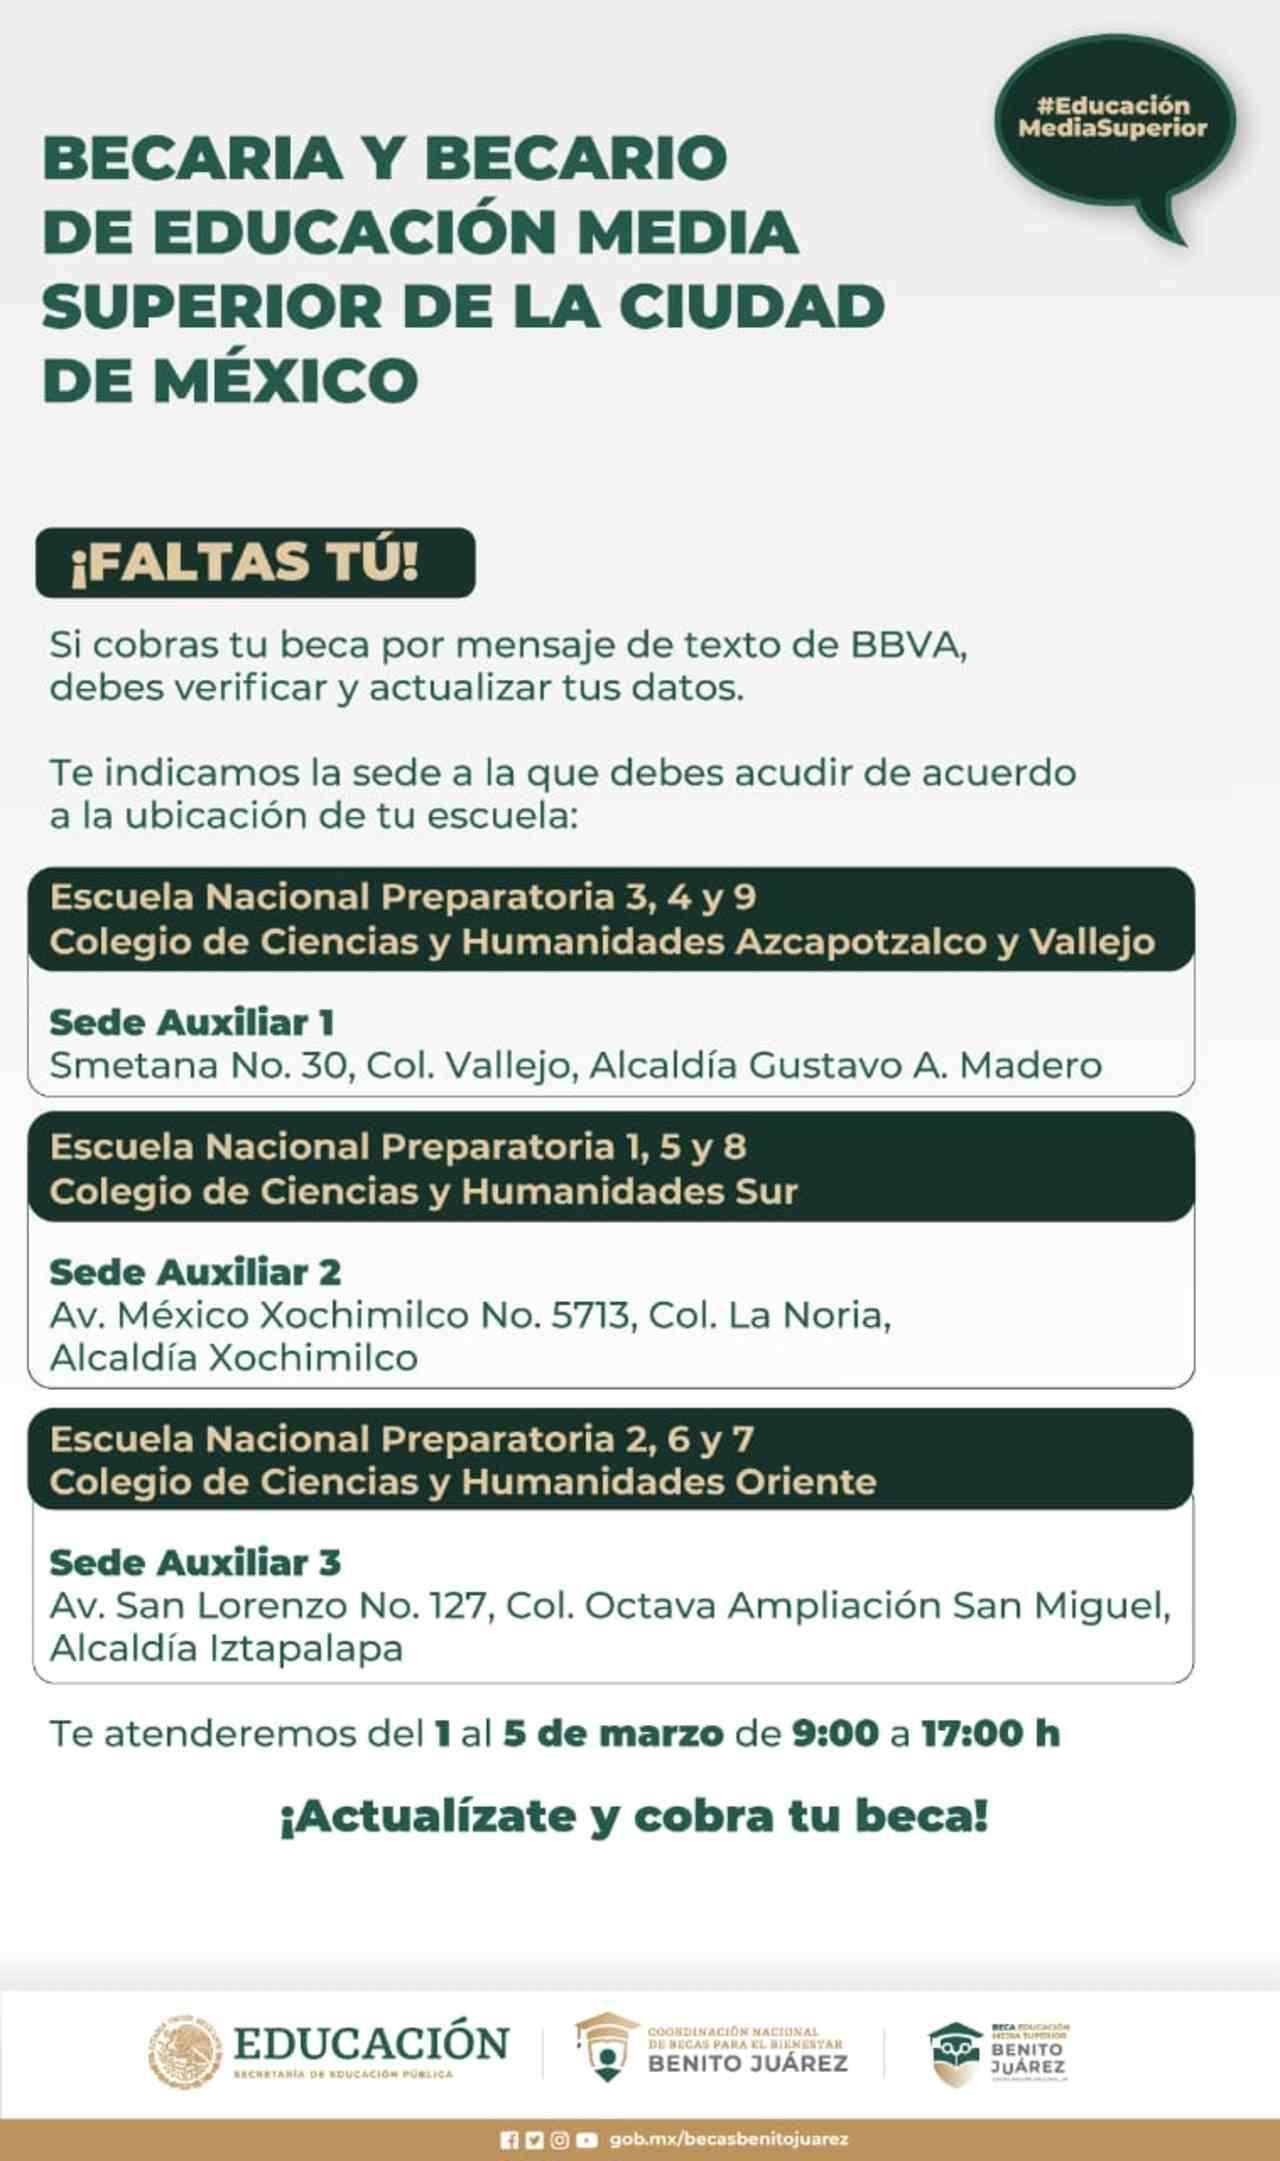 Becas Benito Juárez actualizar datos